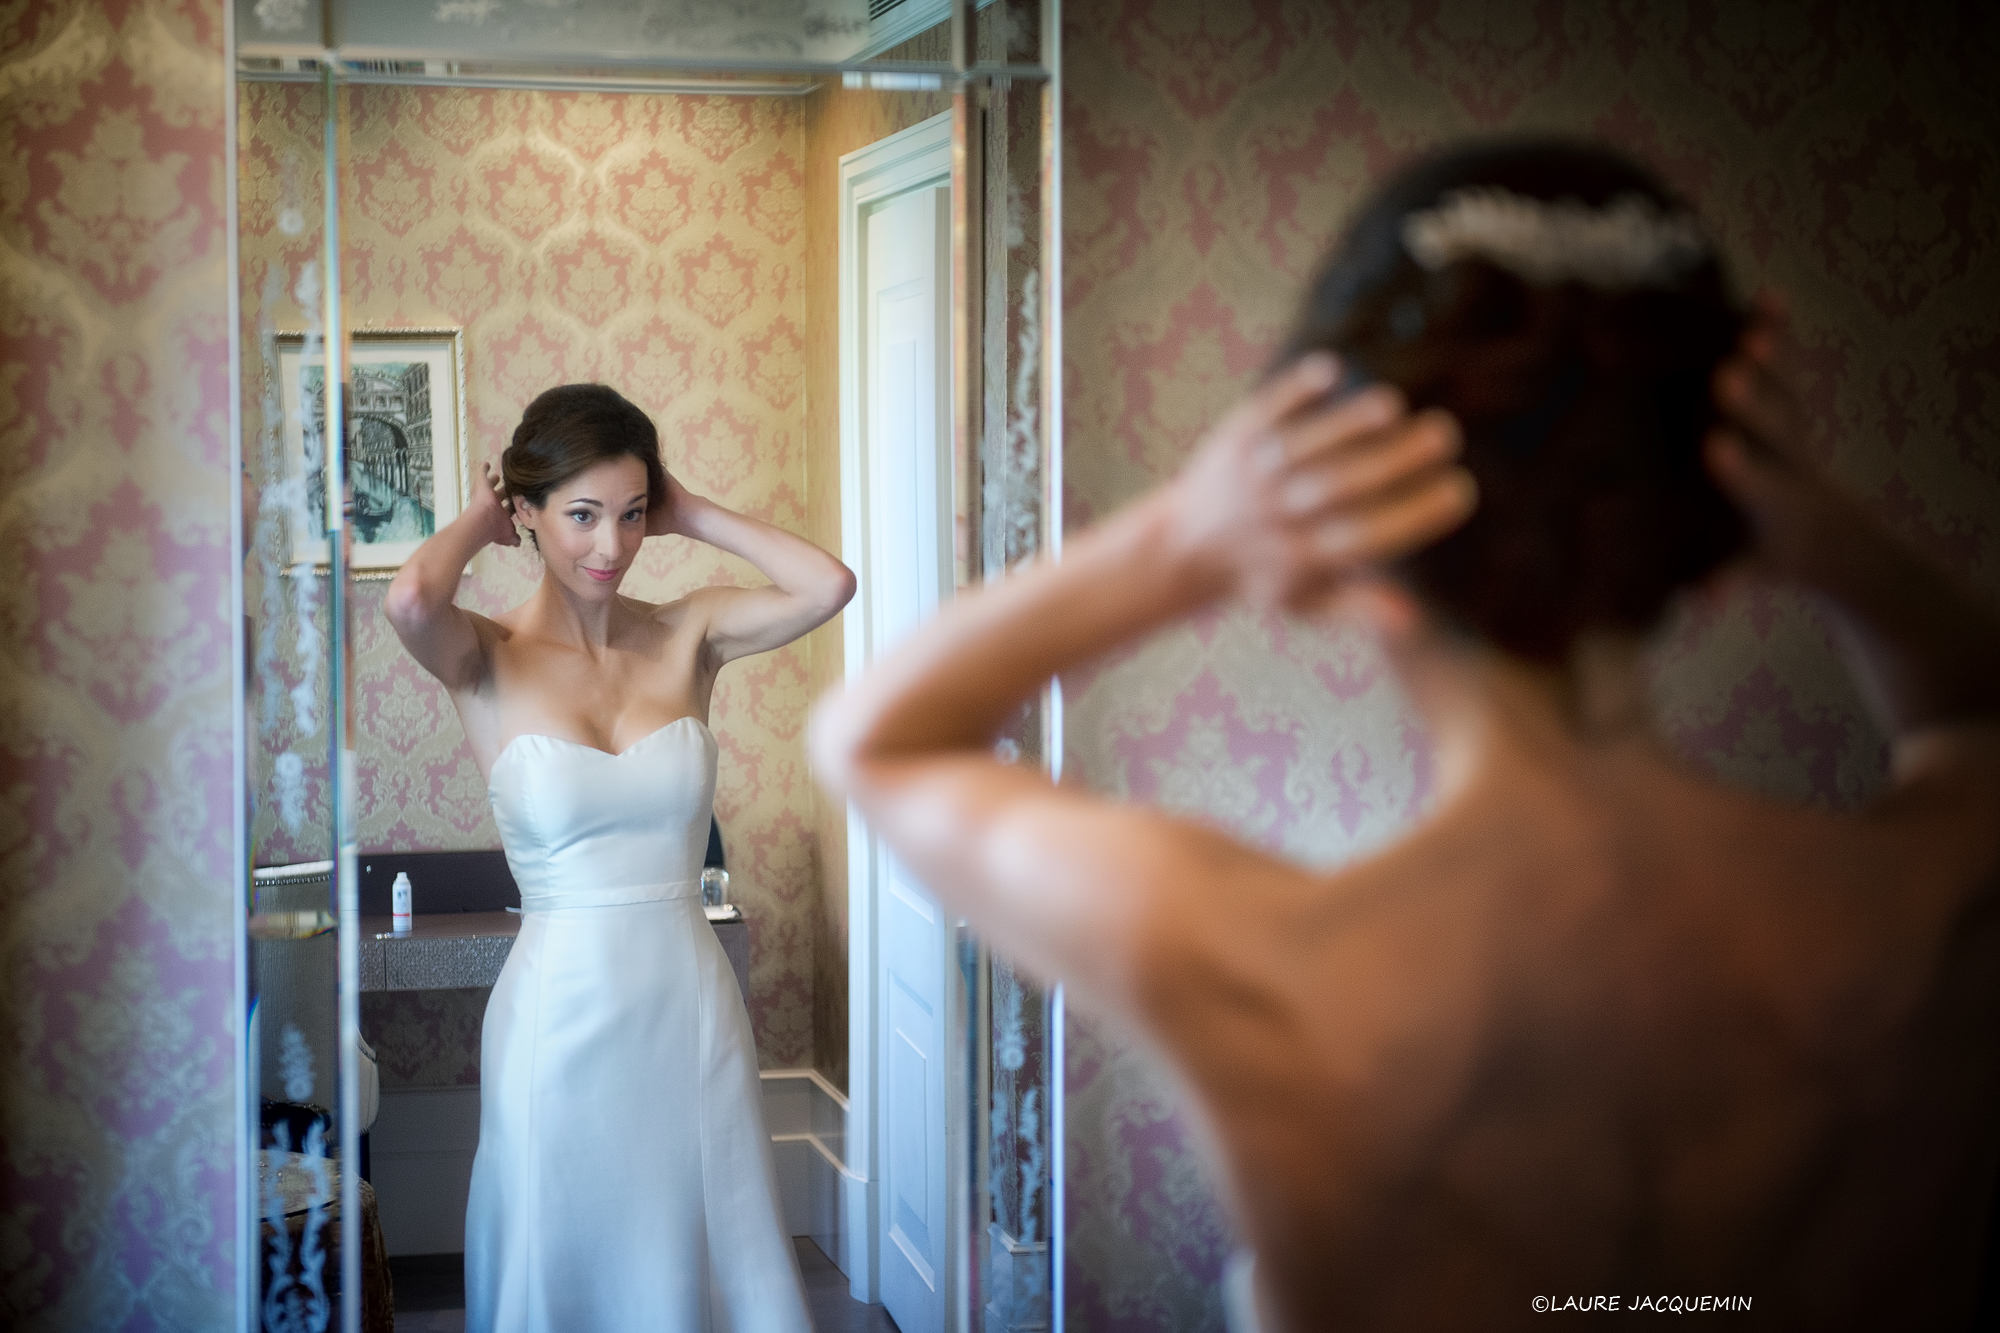 venise mariage photographe laure Jacquemin simbolique jardin venitien gondole (8)